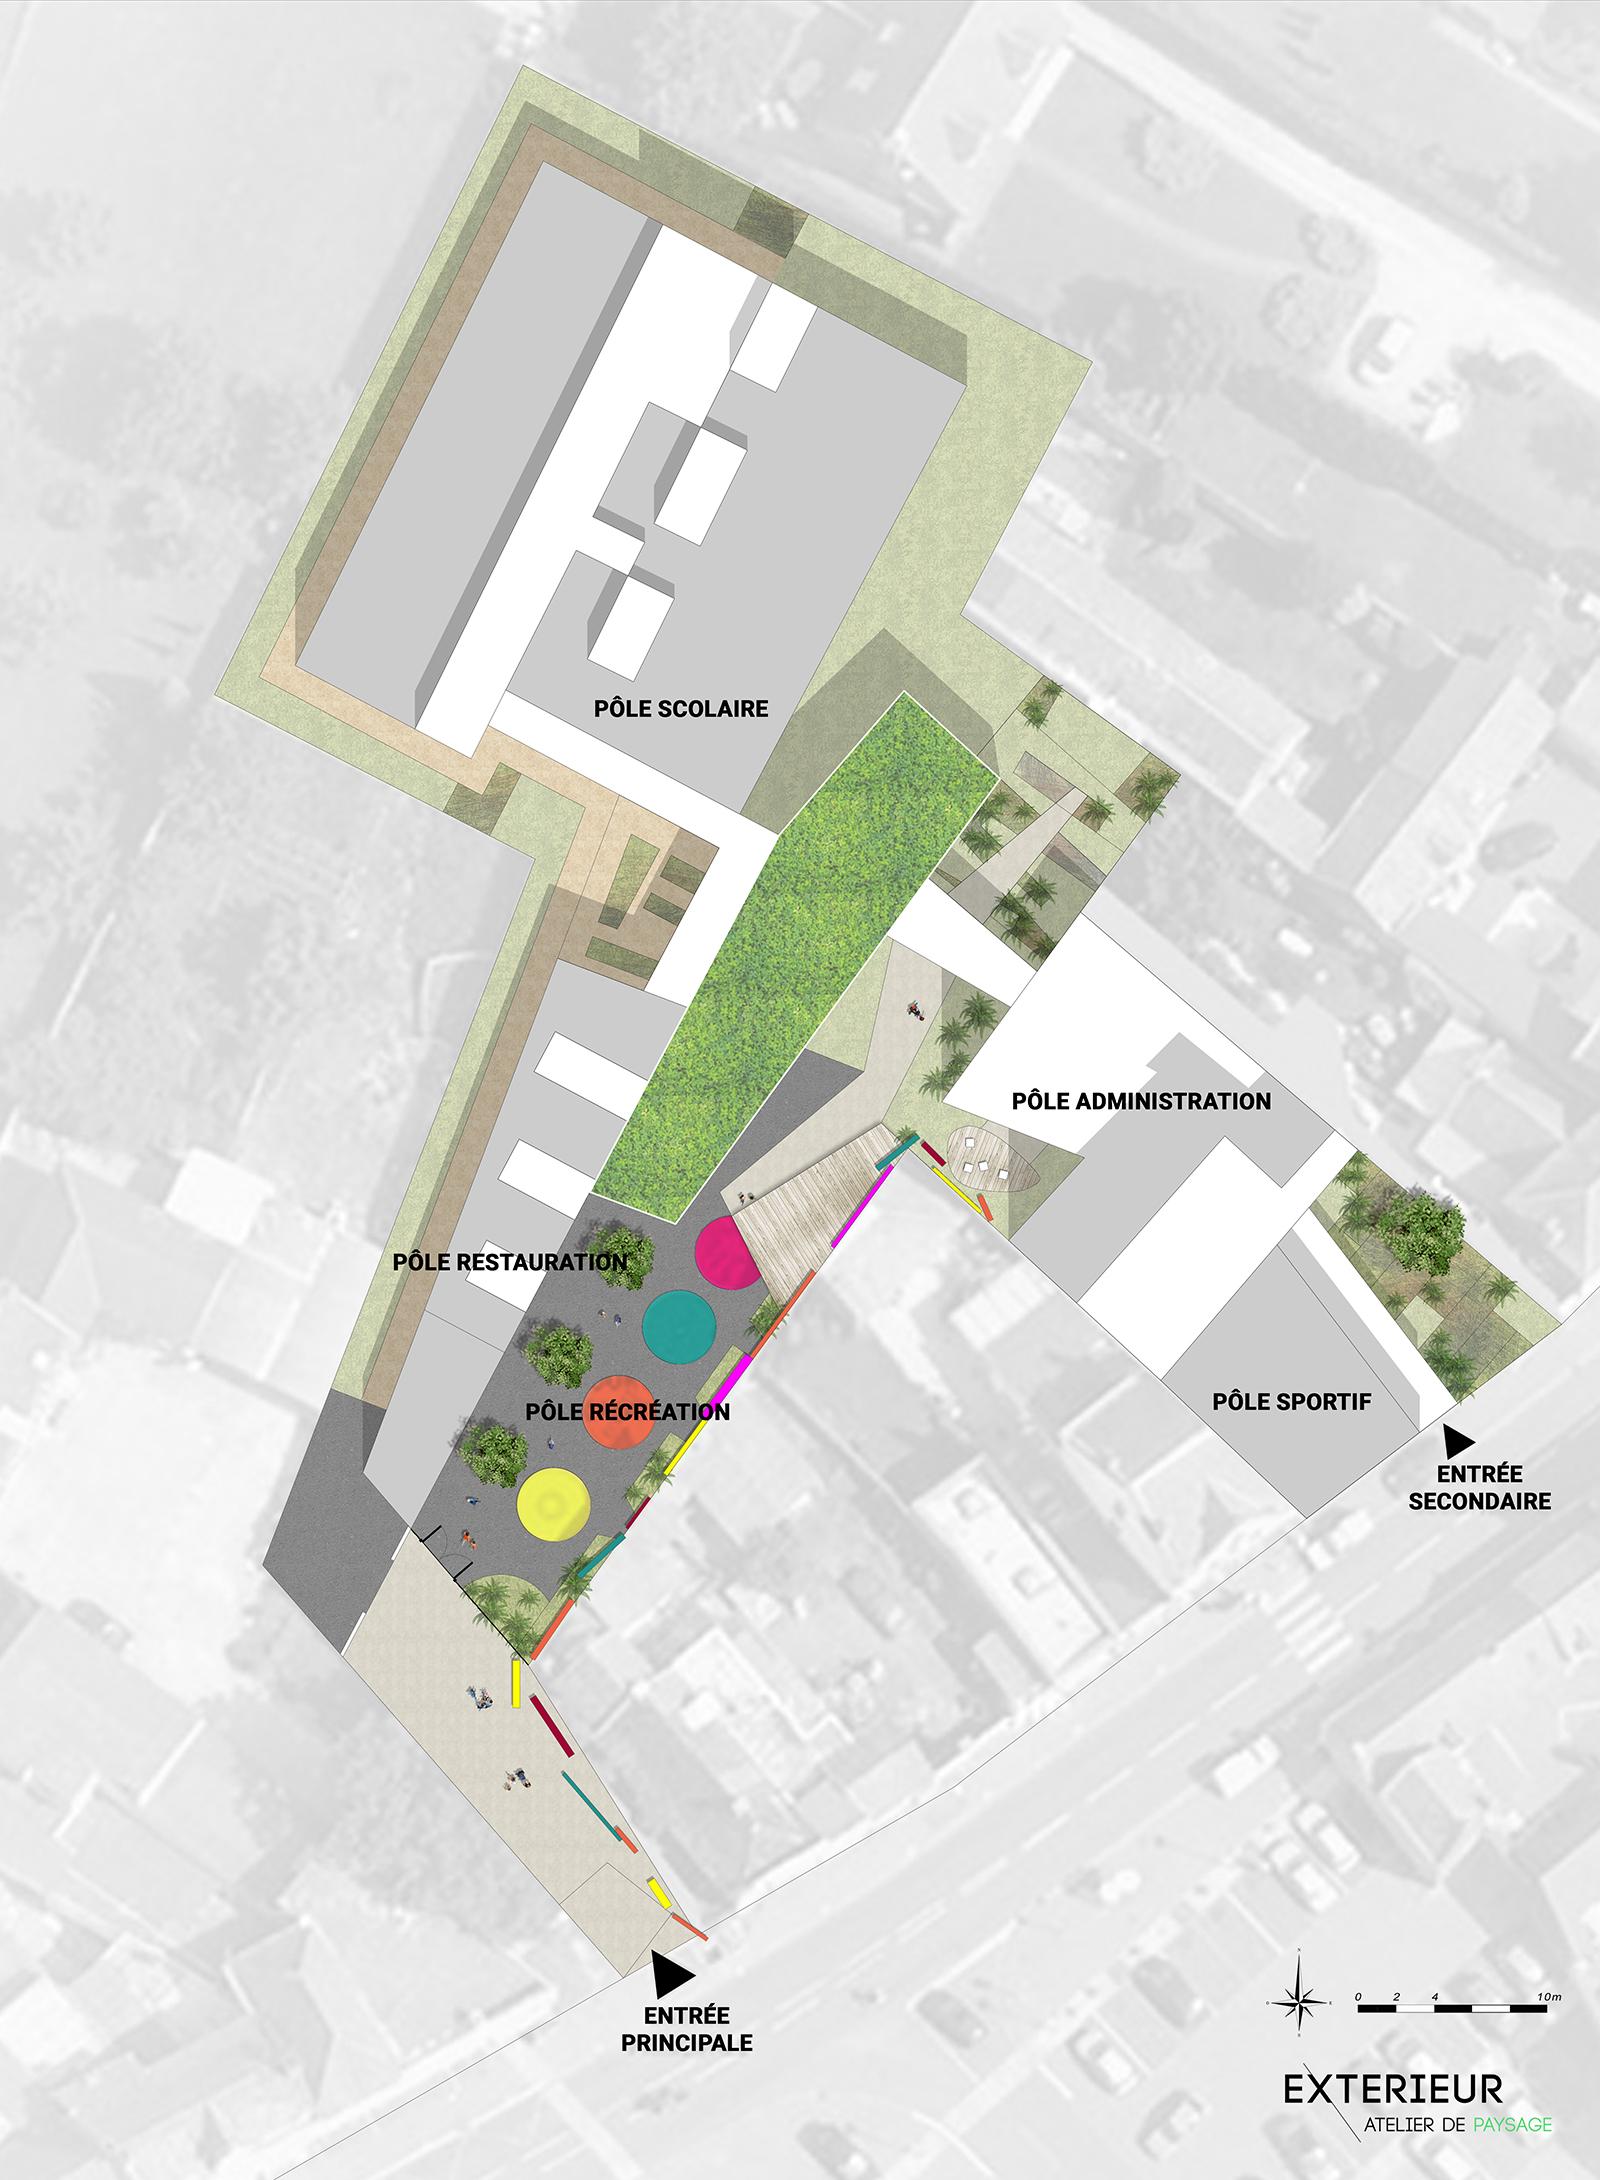 Plan d'aménagement projet paysagiste cour d'école Duclos Lanoy à Waziers